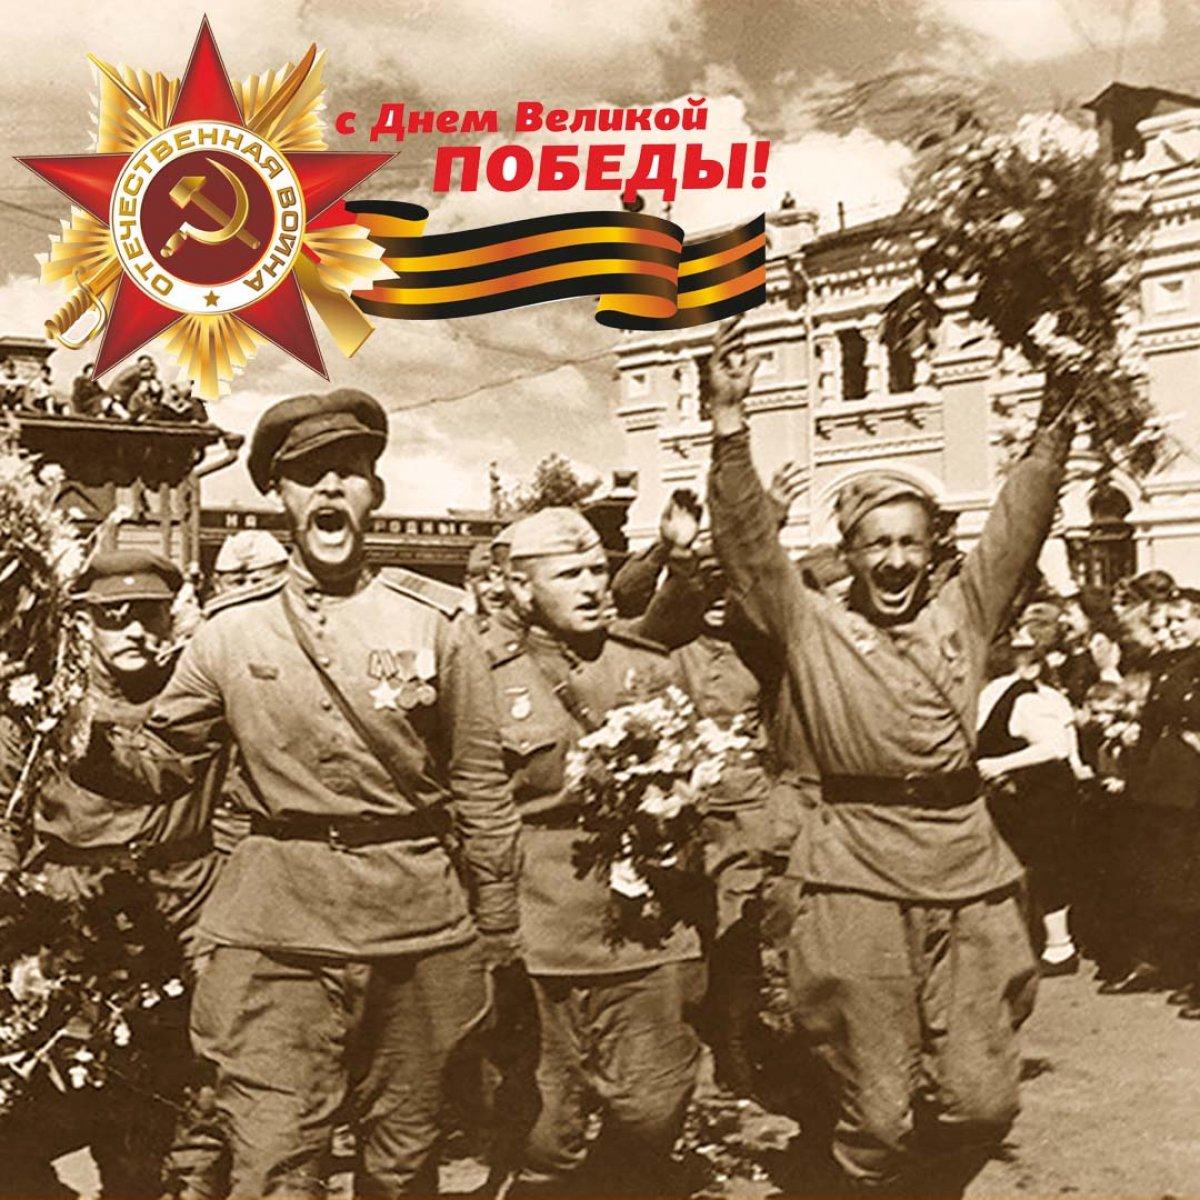 Коллектив Санкт-Петербургского университета технологий управления и экономики поздравляет ветеранов, жителей Санкт-Петербурга и всех россиян с великим праздником – 74-й годовщиной Победы в Великой Отечественной войне!